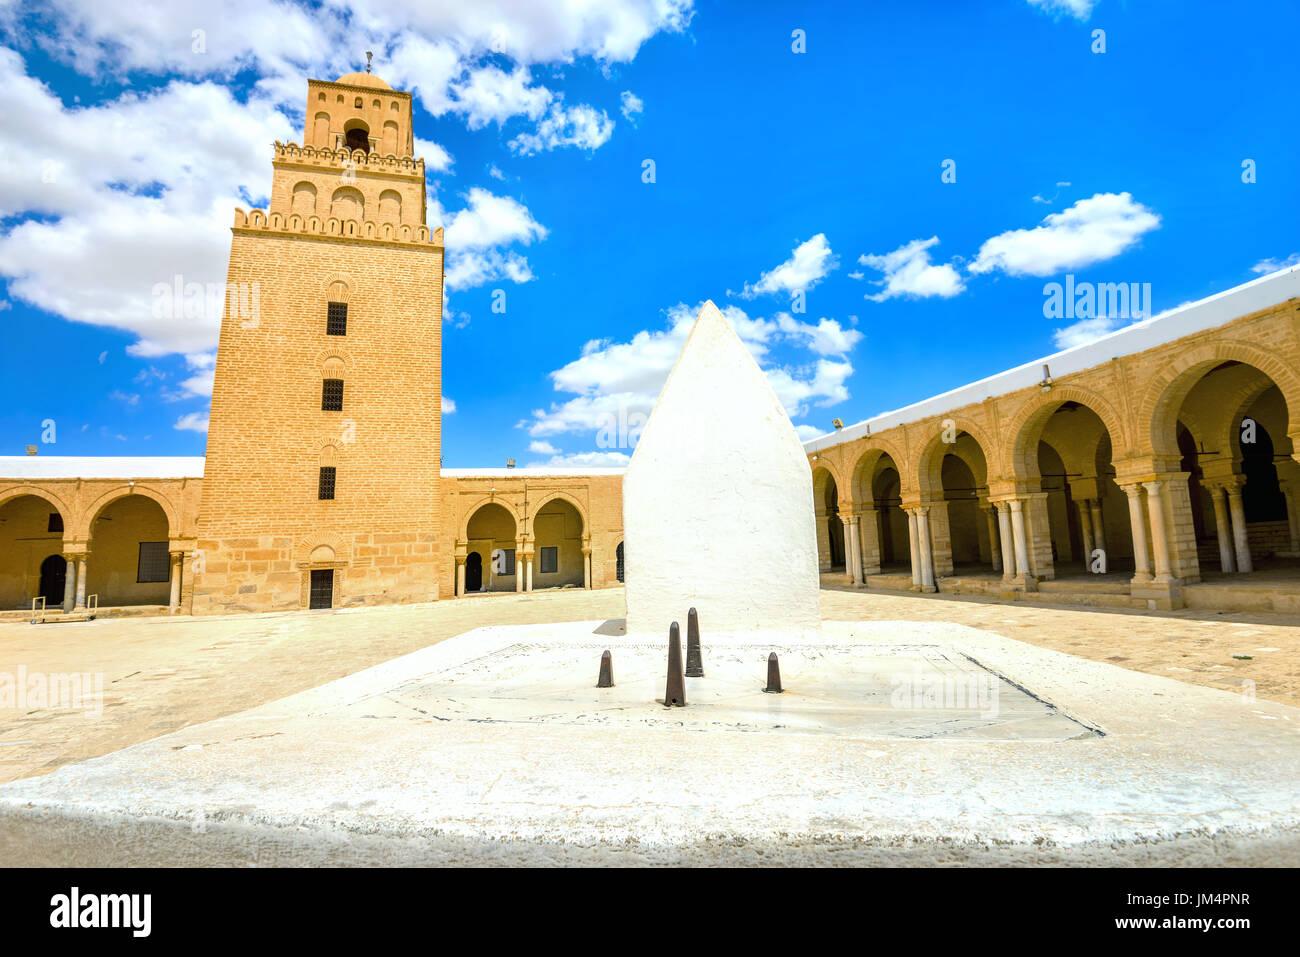 L'ancienne Grande Mosquée et cadran solaire à Kairouan. La Tunisie, l'Afrique du Nord Photo Stock